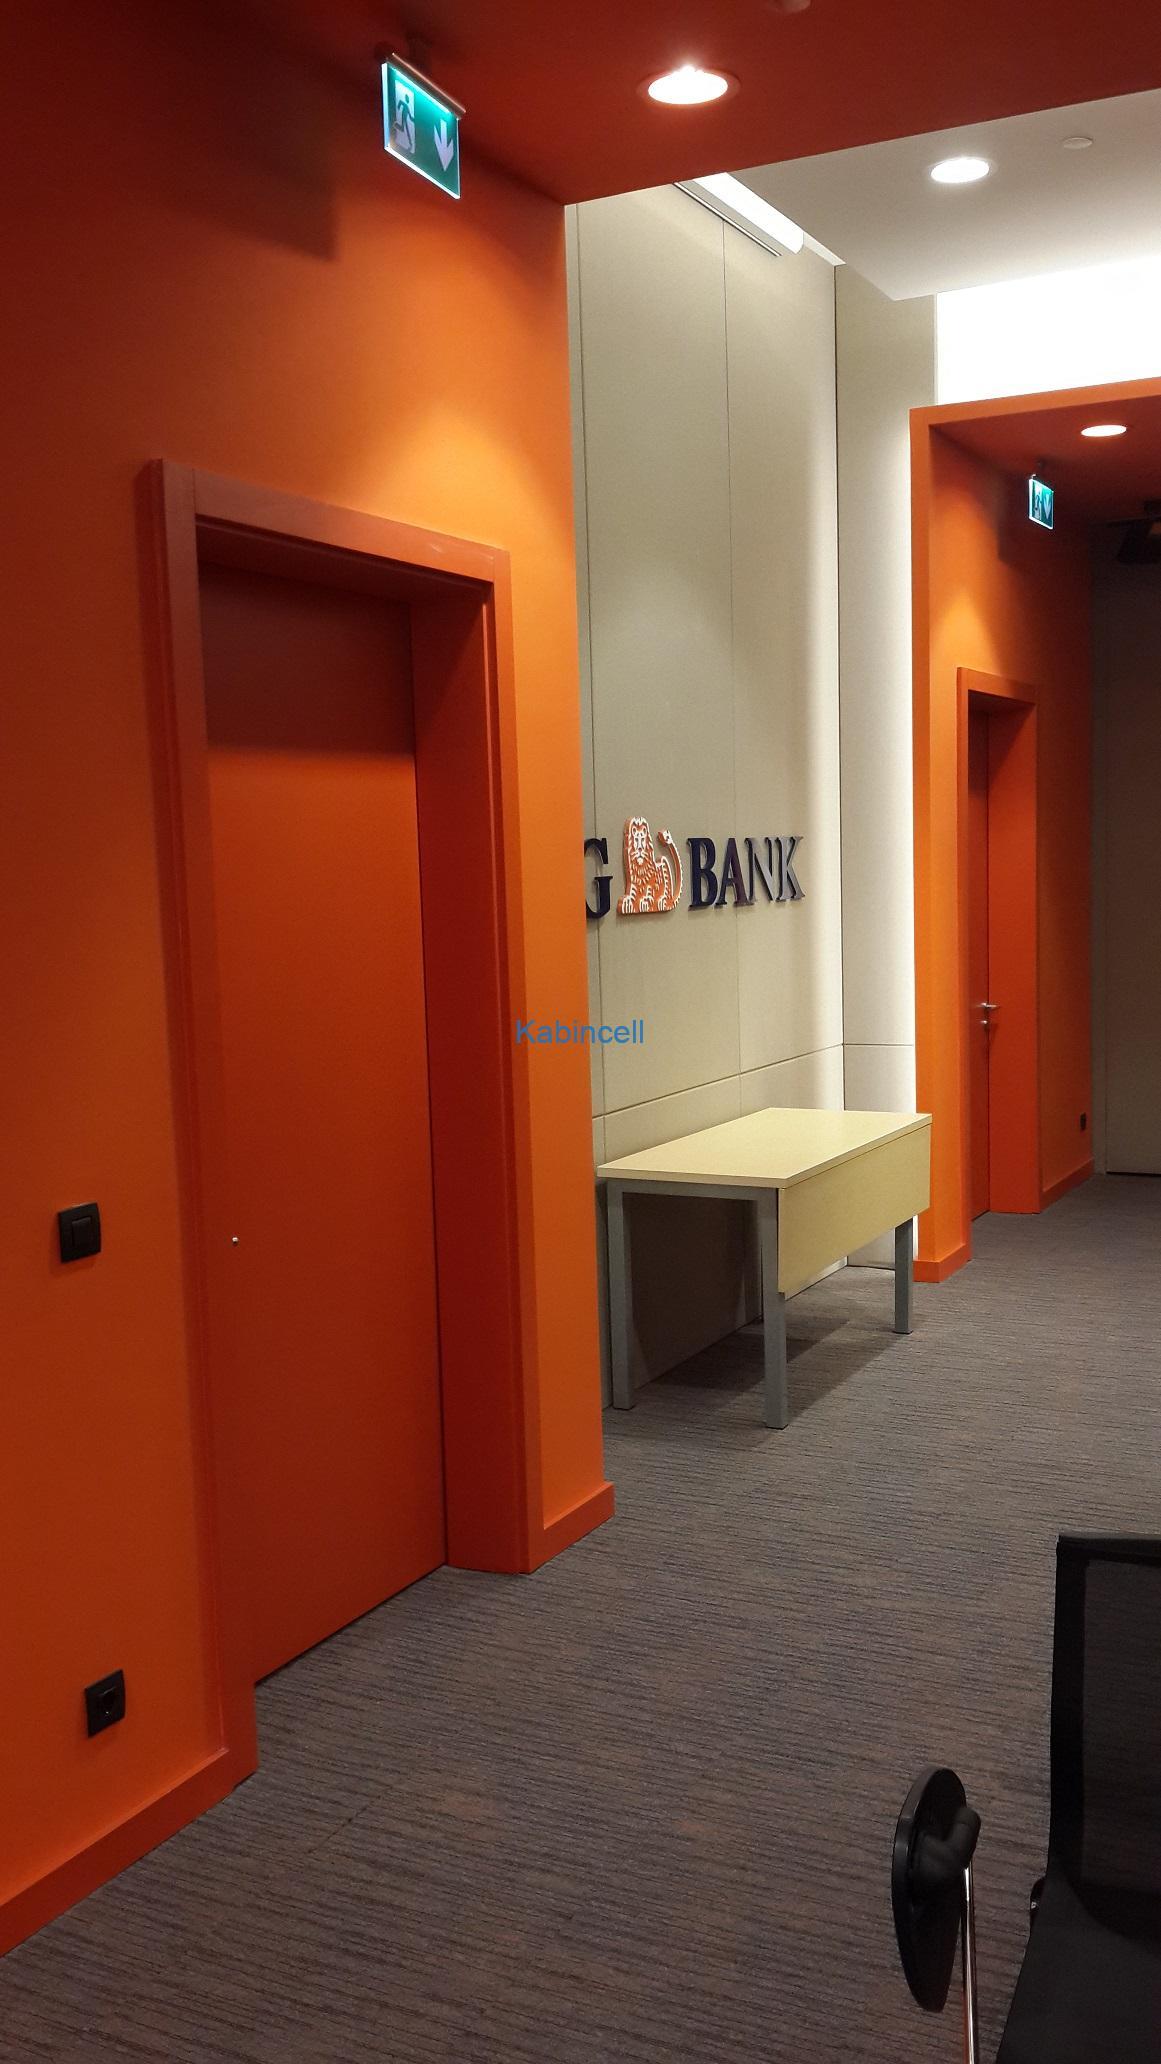 ing-bank-seminer-salonu-akustik-prjelendirme-kaplama-panel10